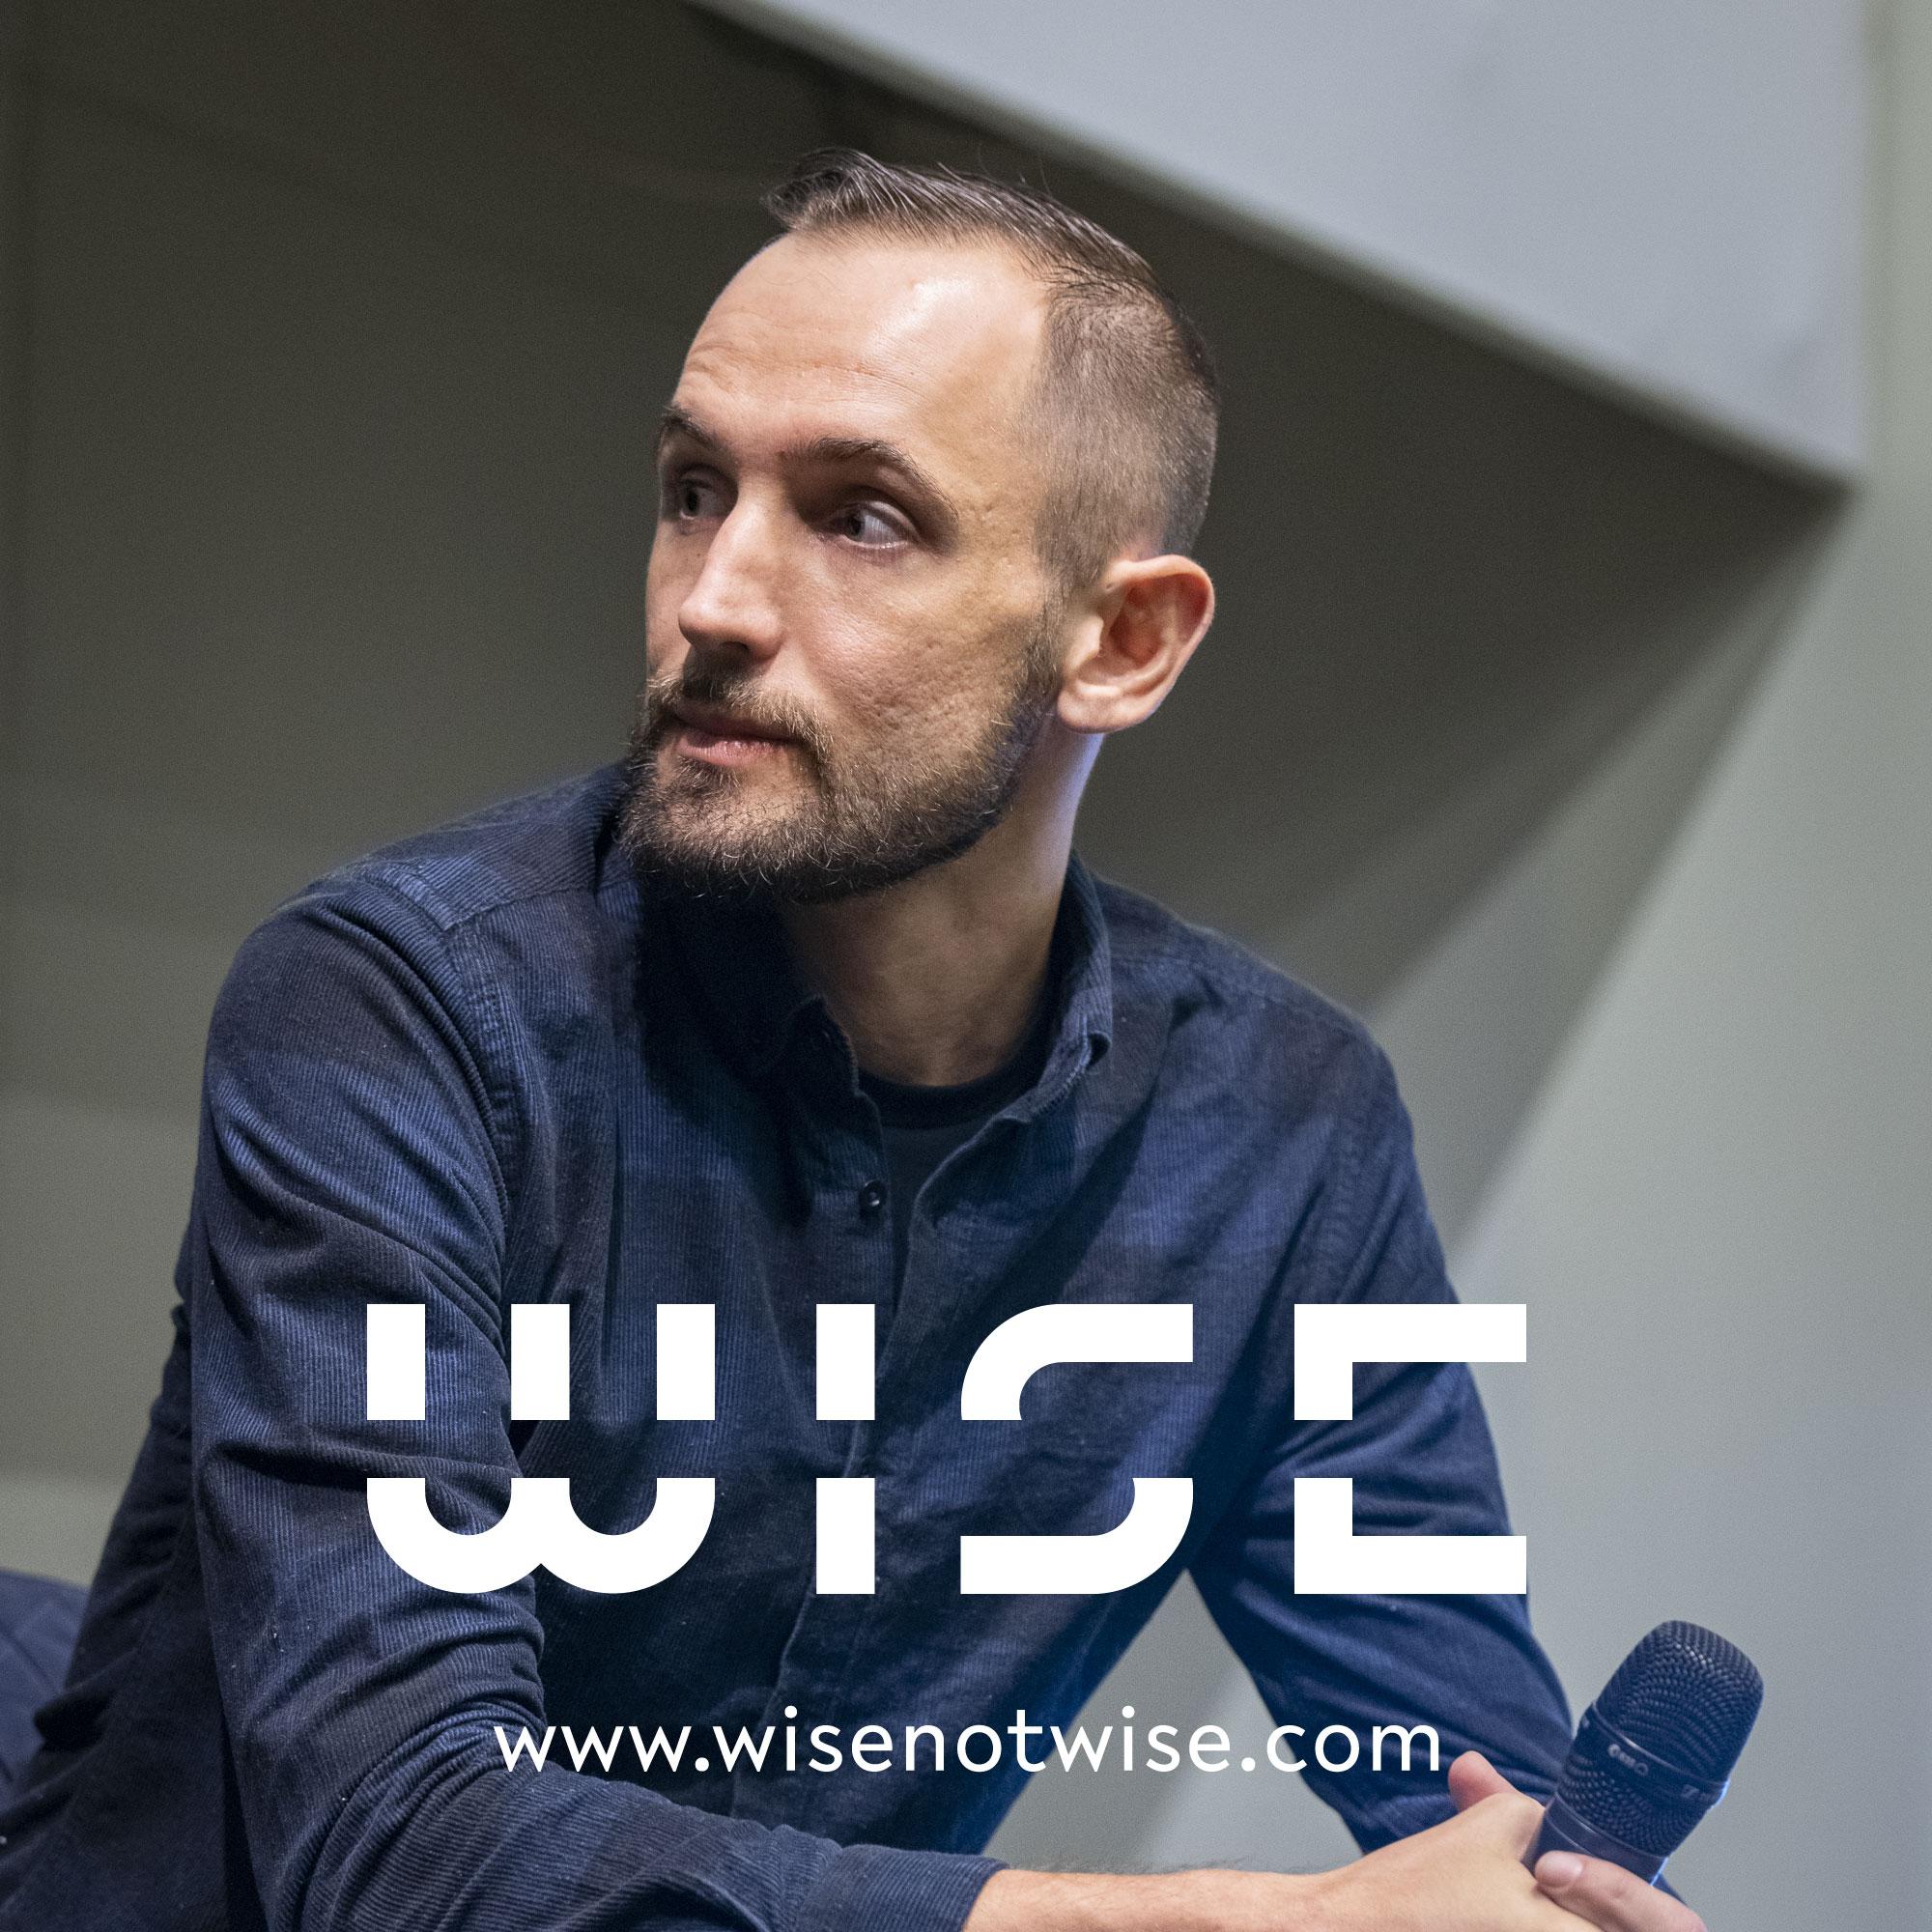 WISE_DOCU_LOGO_2018_41.jpg